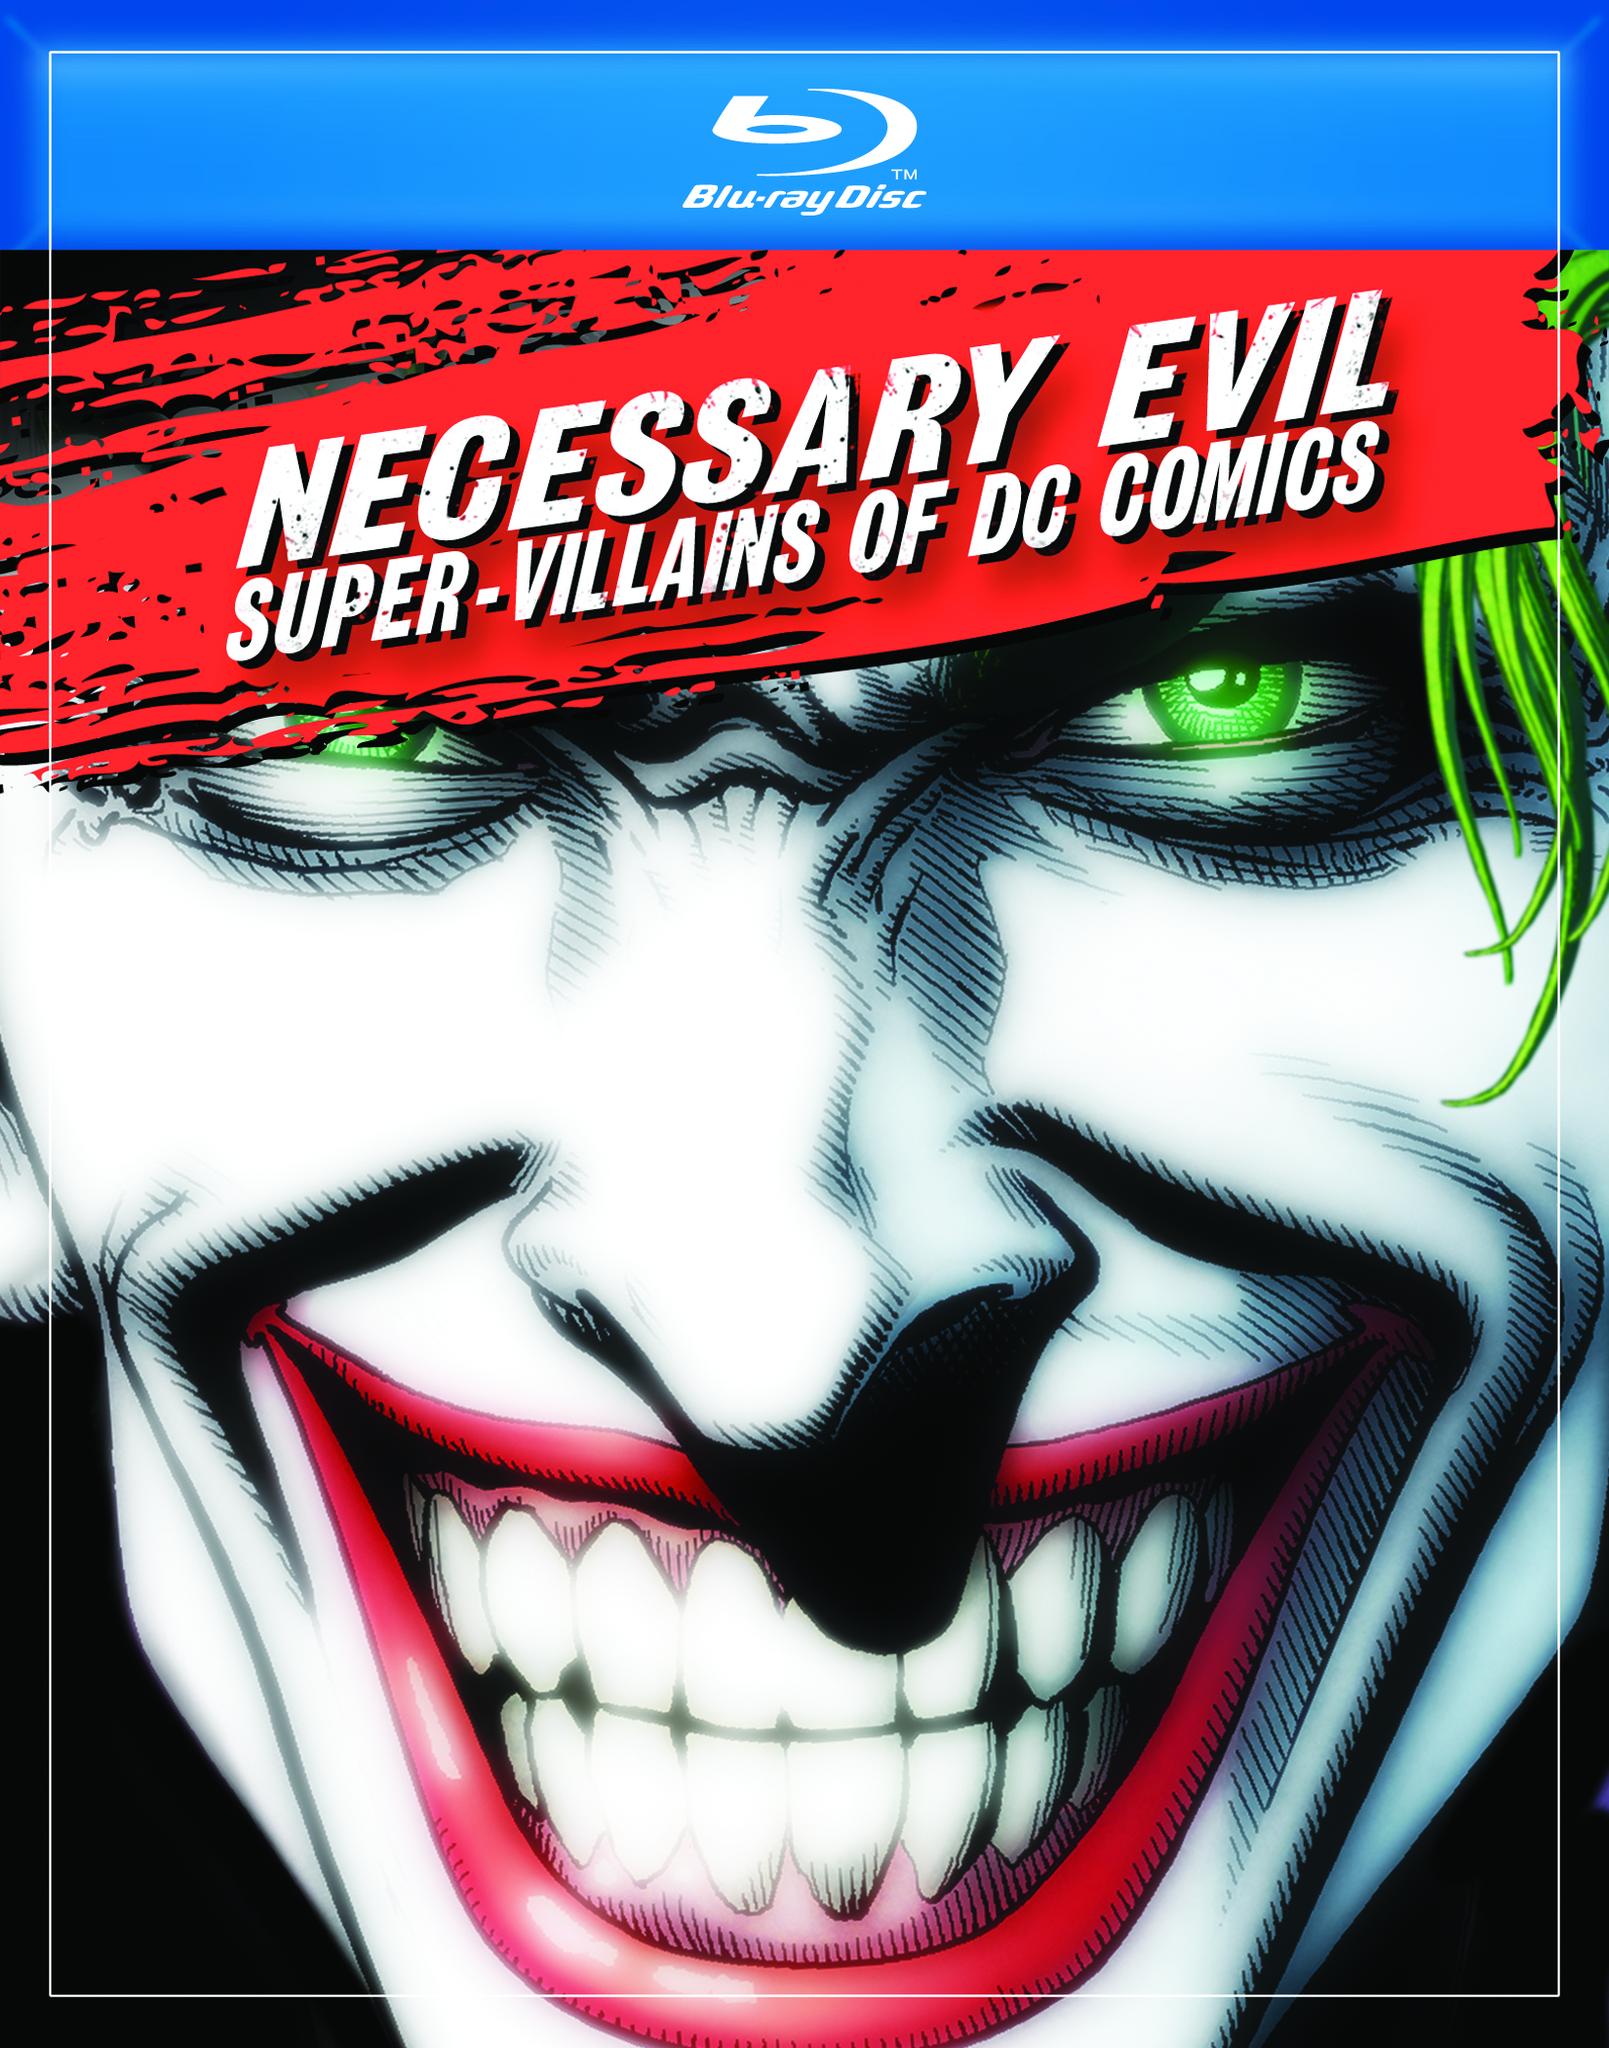 Πόστερ της ταινίας «Necessary Evil: Super-Villains of DC Comics (2013)»